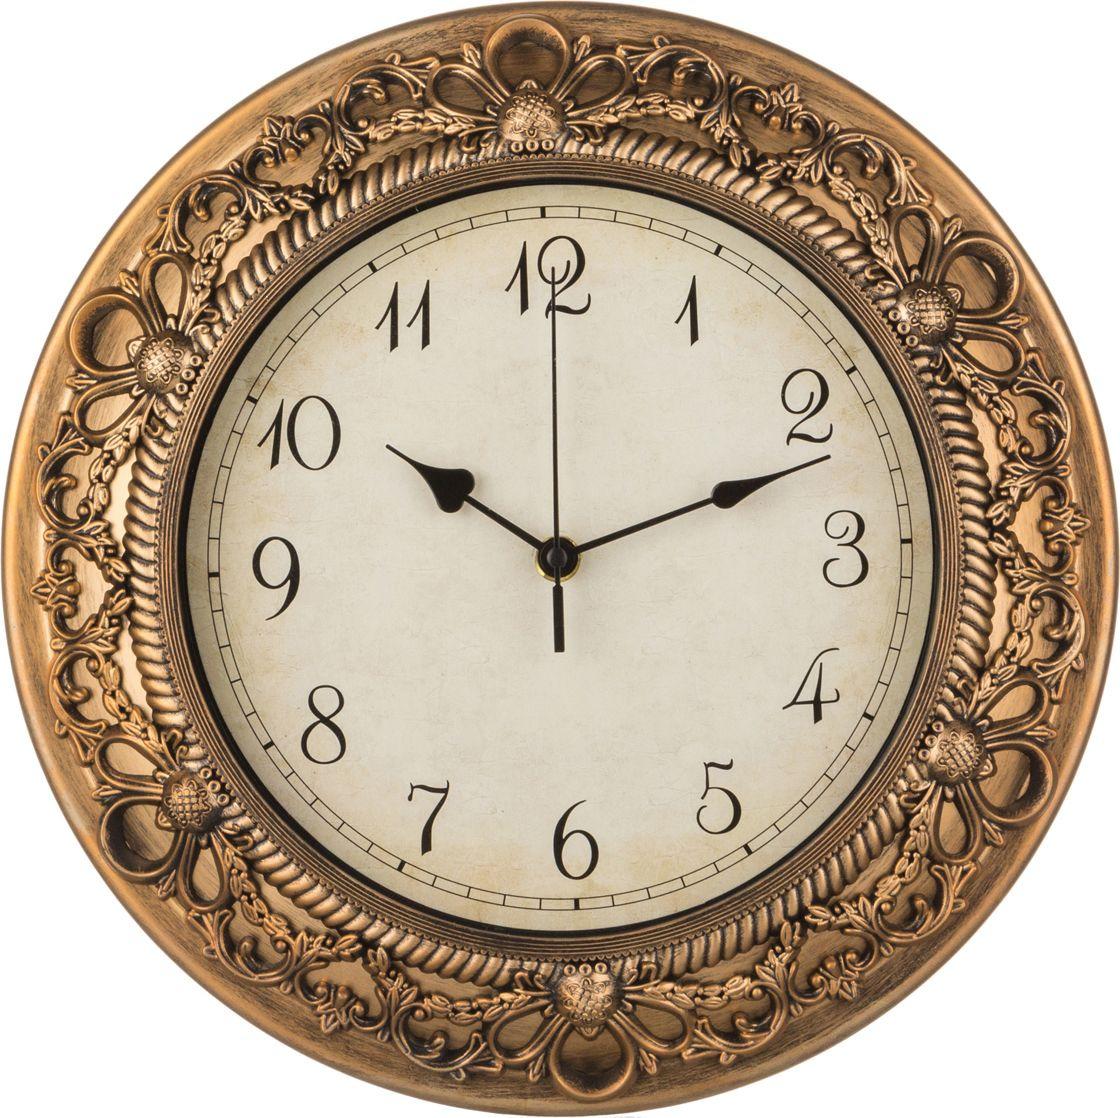 цена Настенные часы Lefard Royal House, 220-185, 33,2 х 33,2 х 4,2 см онлайн в 2017 году